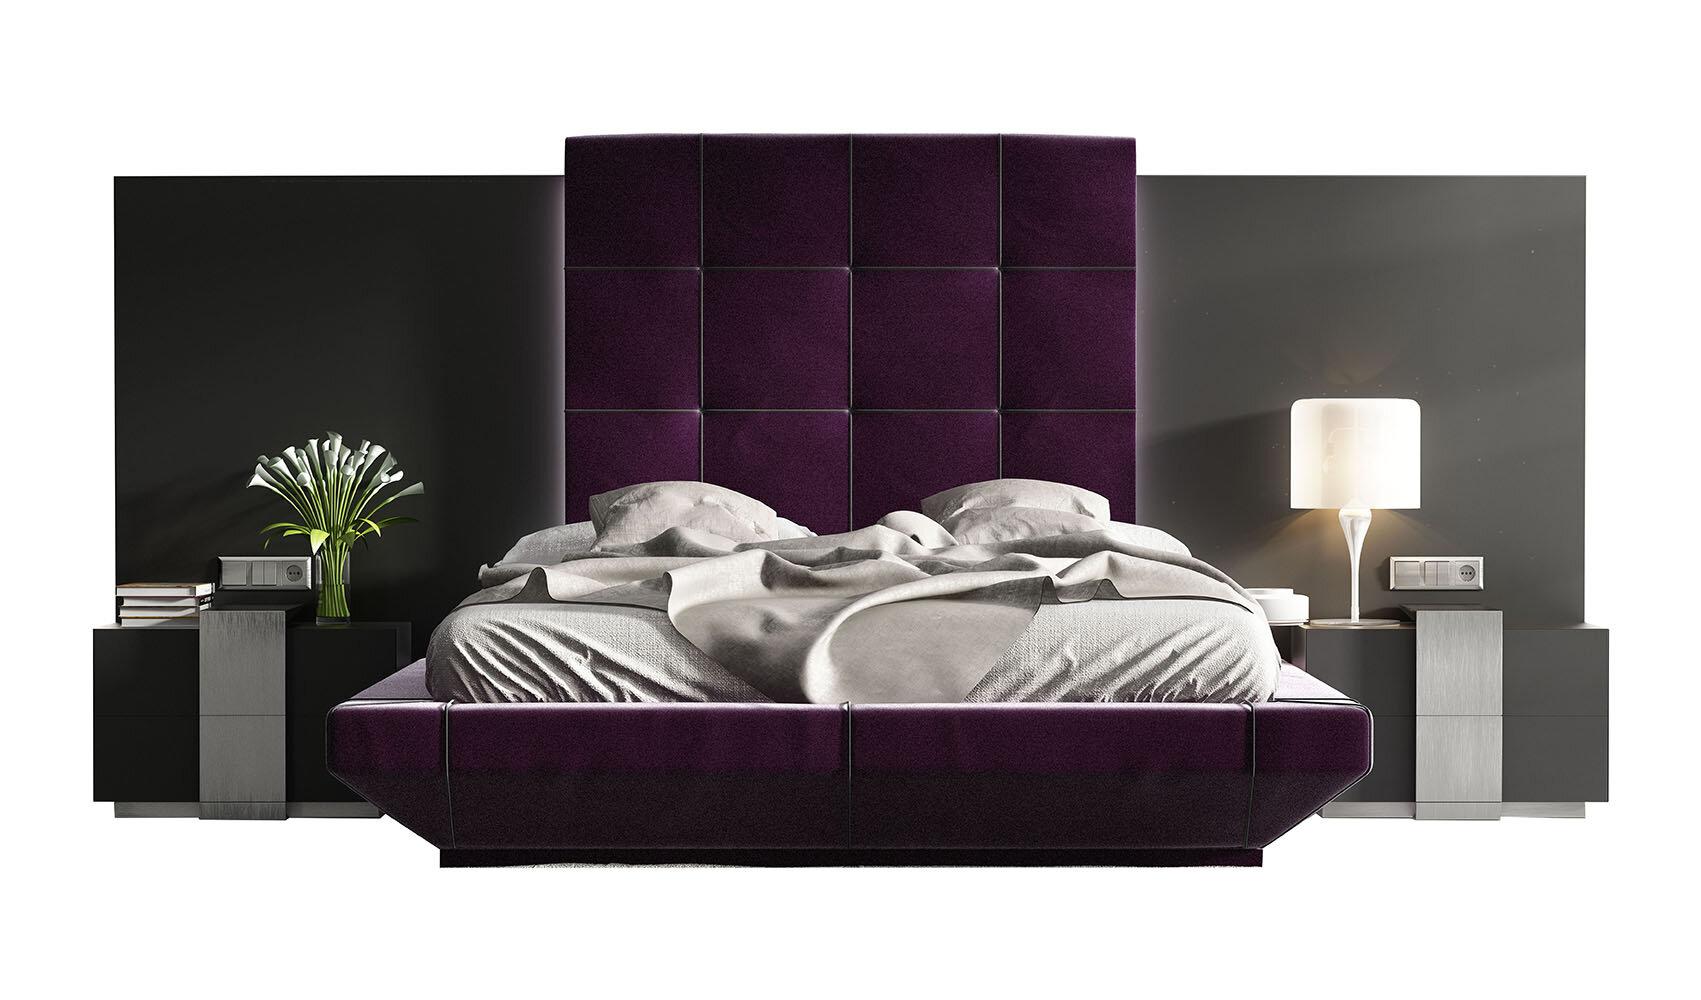 Purple Queen Bedroom Sets You Ll Love In 2021 Wayfair